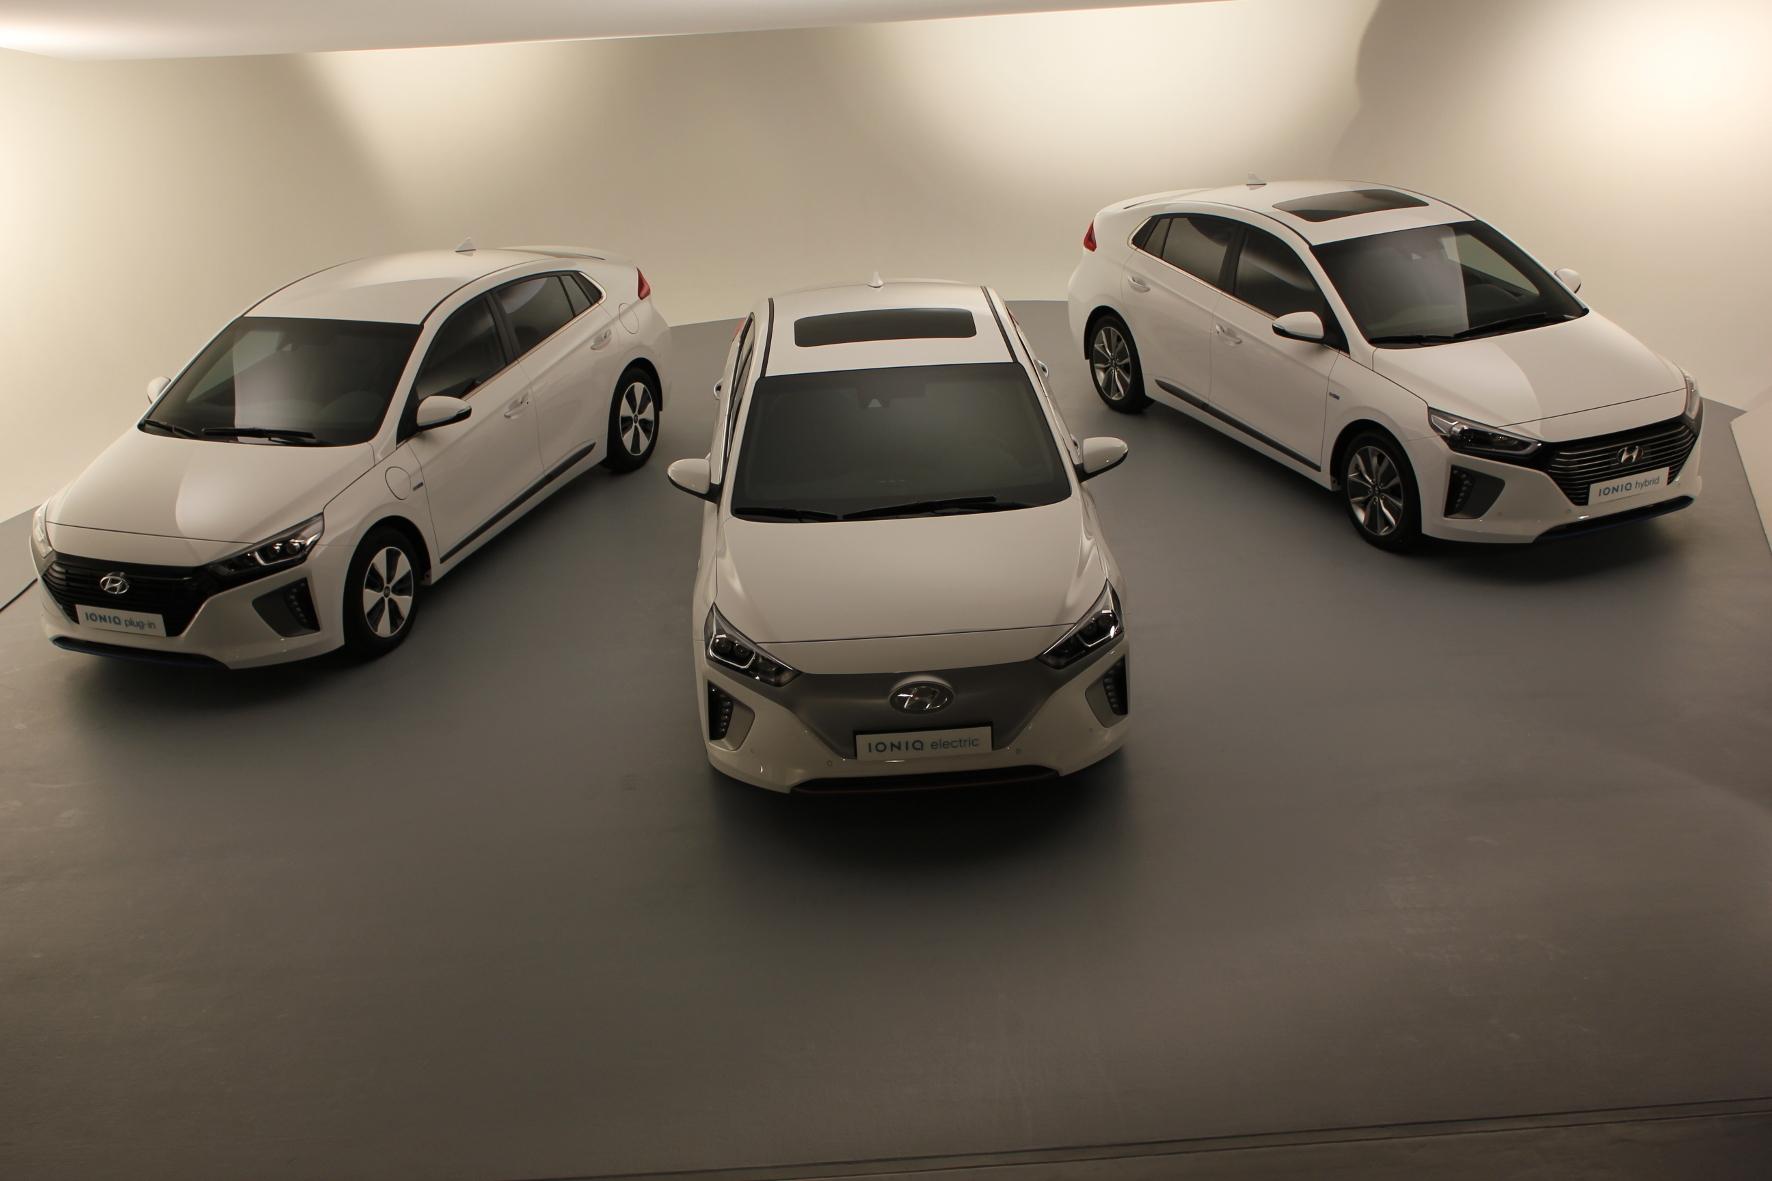 mid Groß-Gerau - Hyundais Ioniq wird 2017 mit drei verschiedenen Antriebsvarianten angeboten.